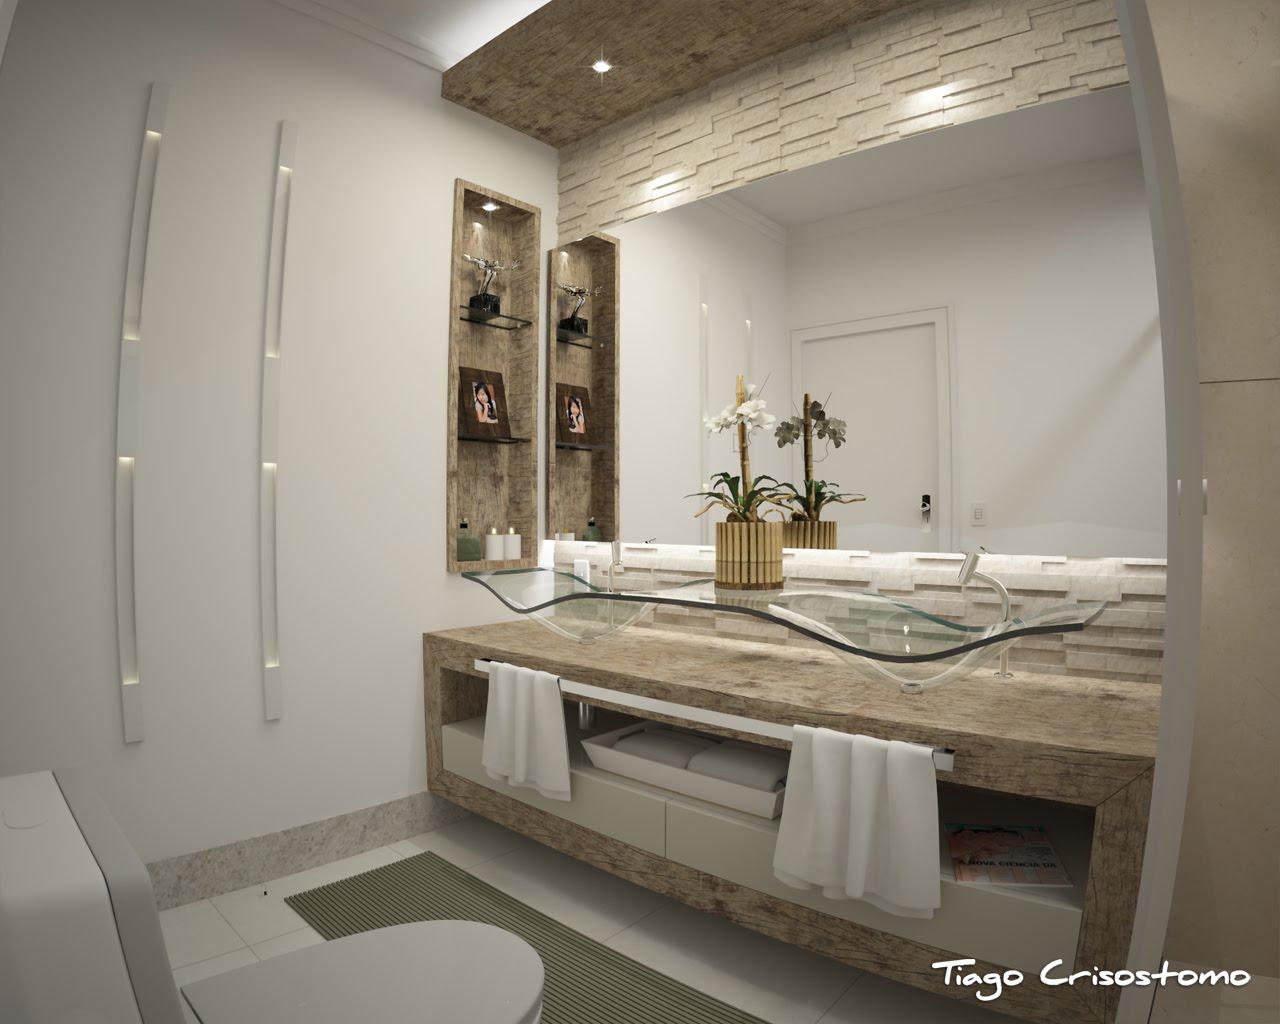 Tiago Crisostomo: Banheiro do casal #5C4F3C 1280x1024 Banheiro Casal Com 2 Cubas